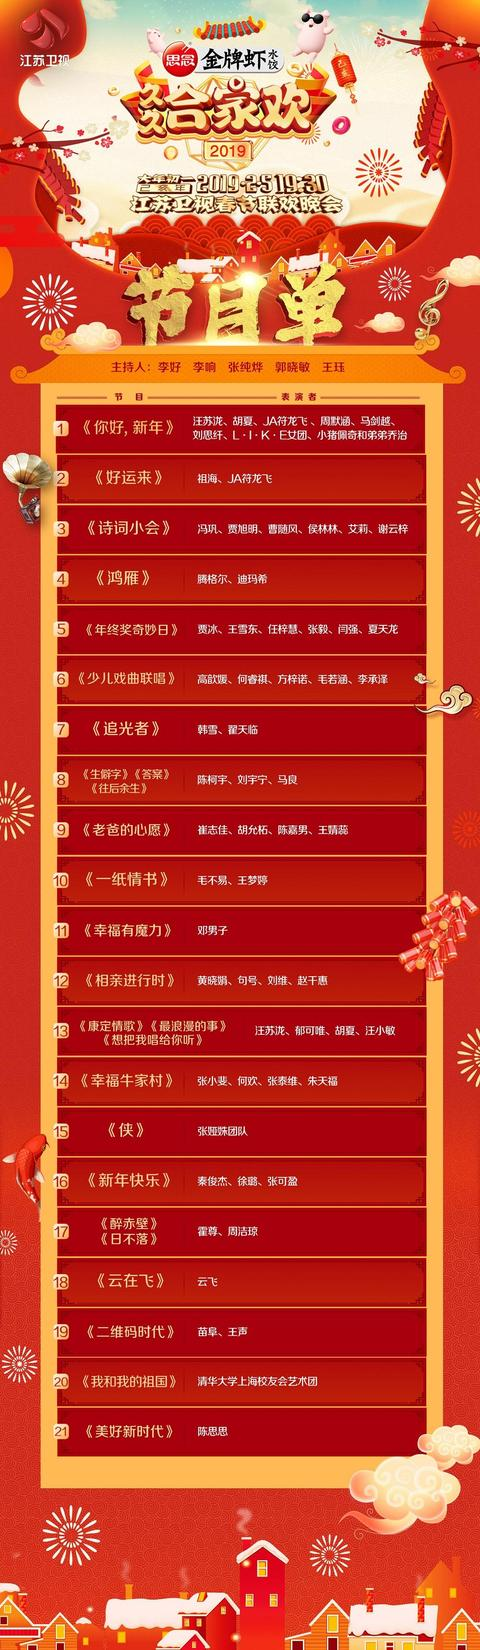 江苏卫视节目表_江苏卫视春晚节目单新鲜出炉 江苏卫视春晚有哪些看点